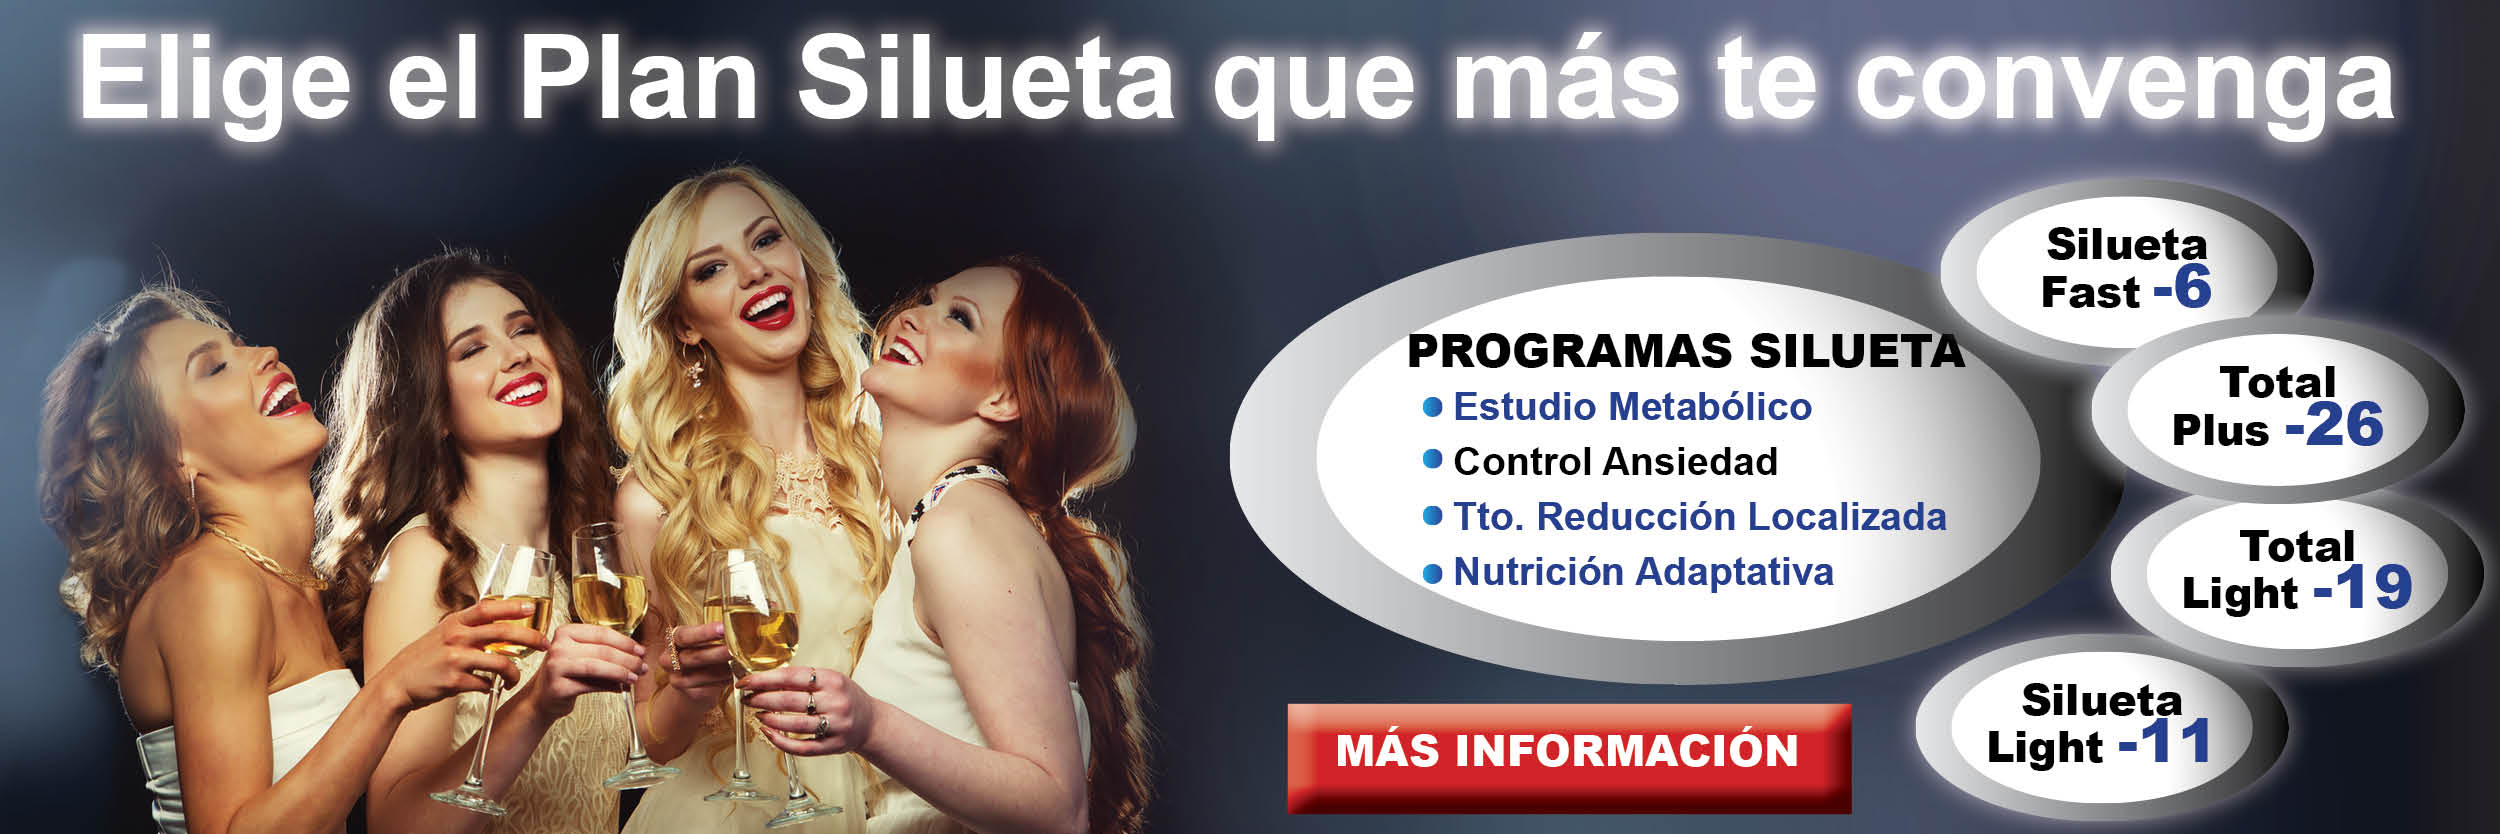 Banner Anuncio blog Silueta Diciembre 15